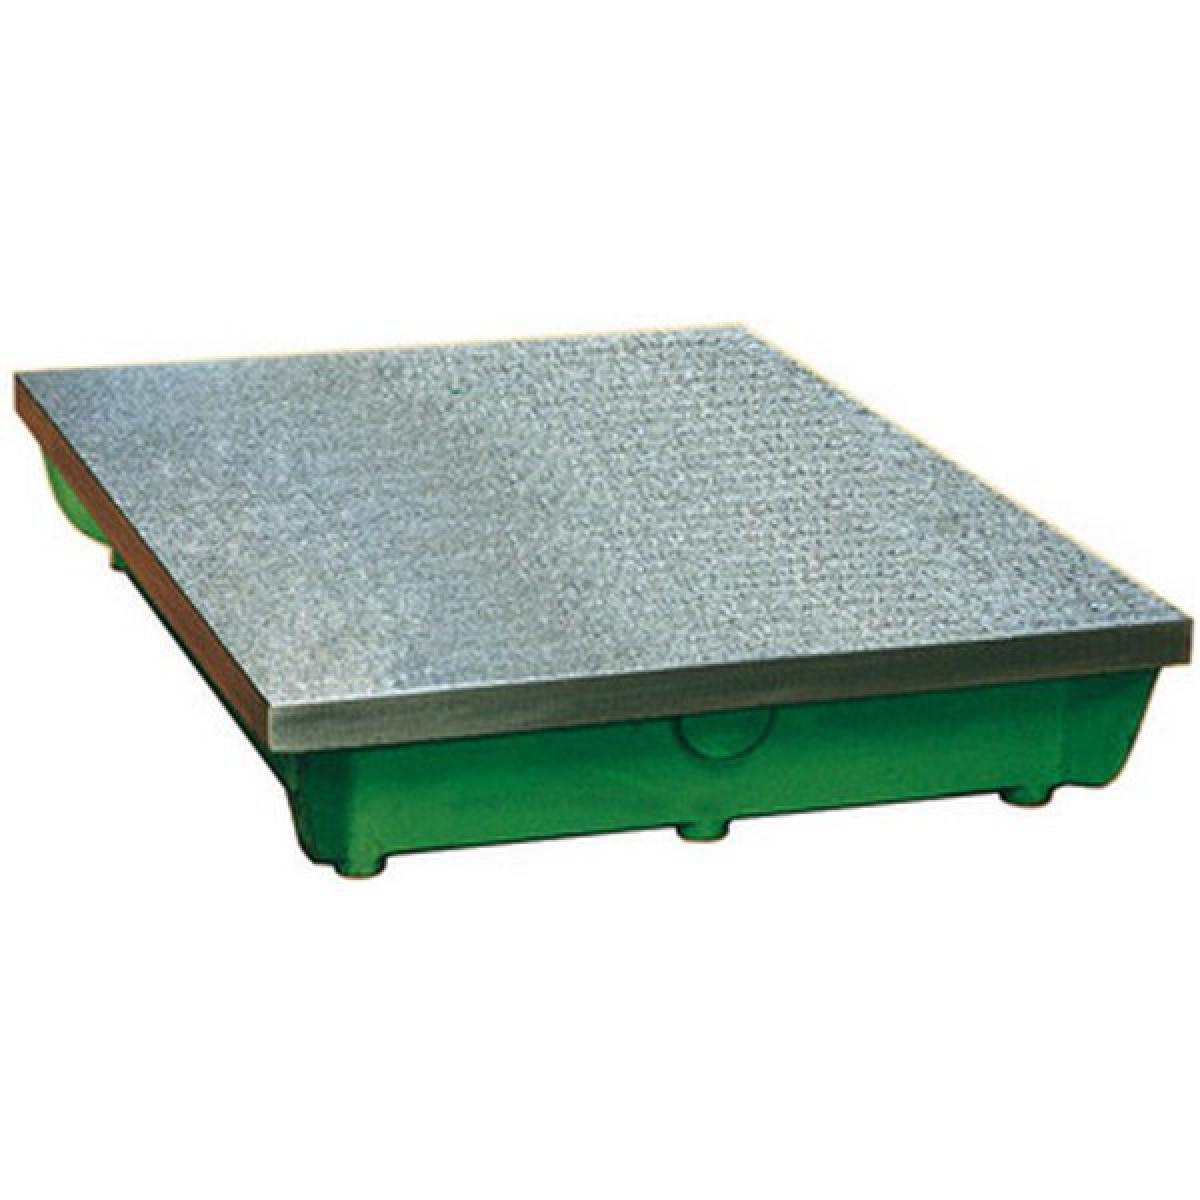 Protec Plaque à tracer et à dresser, qualité 3, Taille : 400 x 400 mm, Précision µm qualité 3 56, Poids env. 35 kg